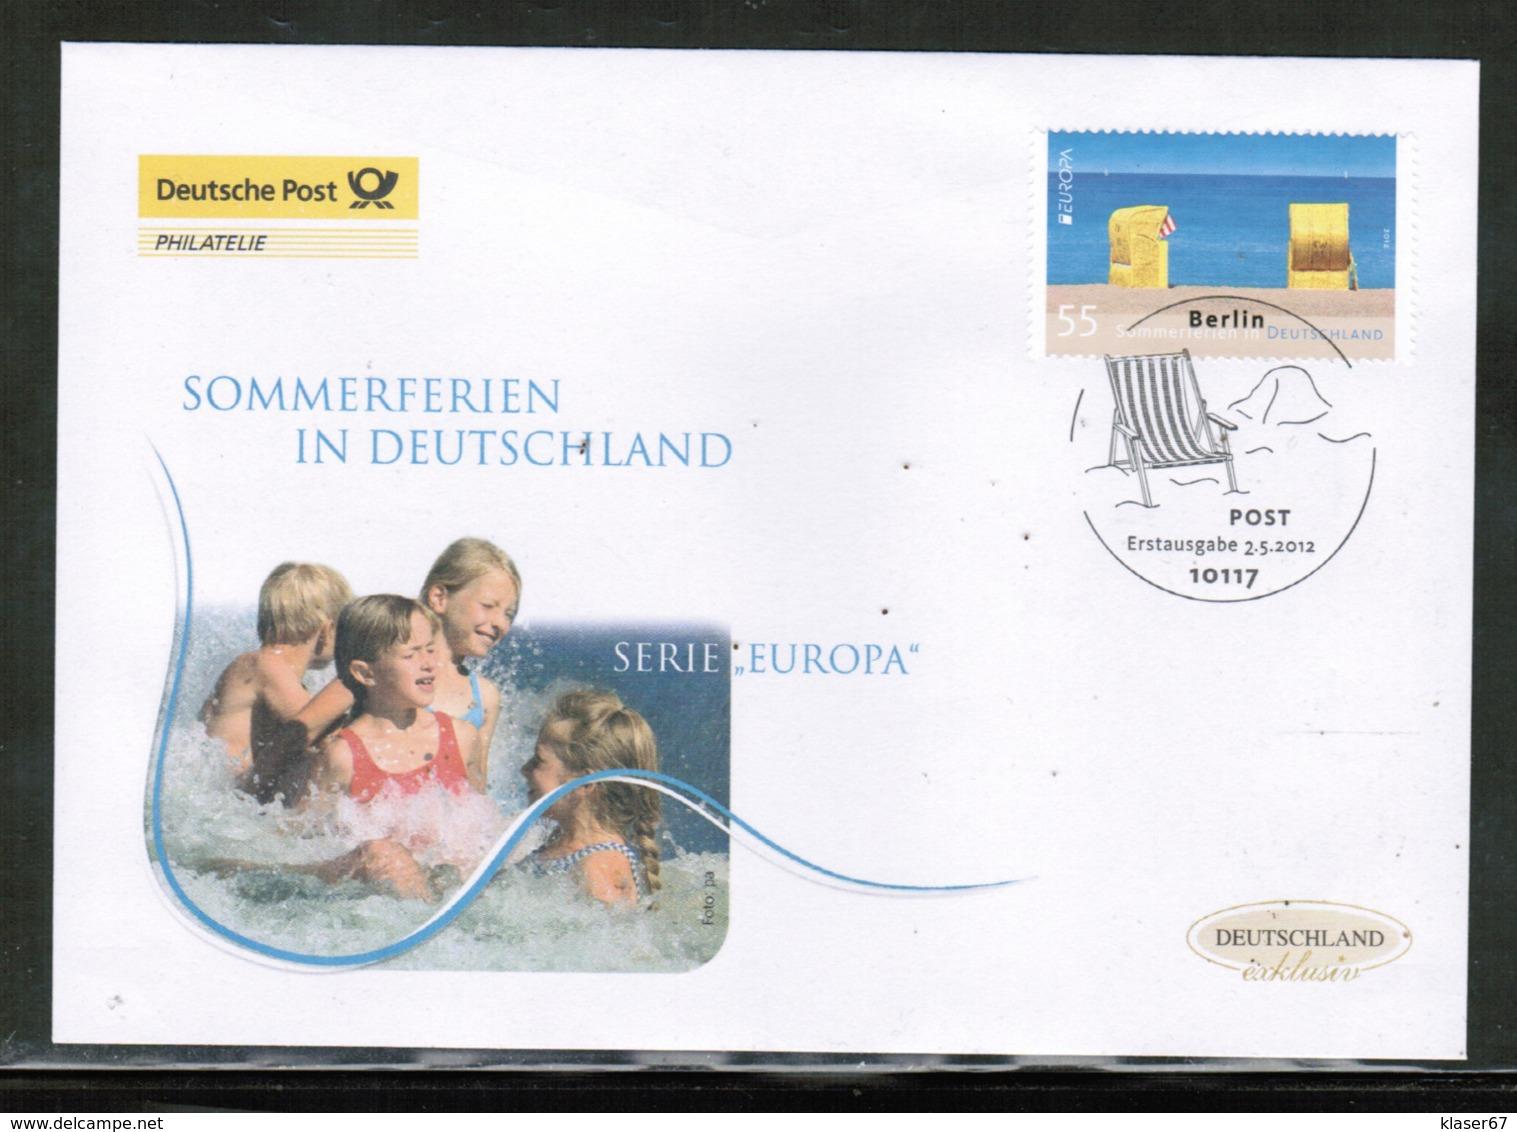 CEPT 2012 DE MI 2933 GERMANY FDC - 2012